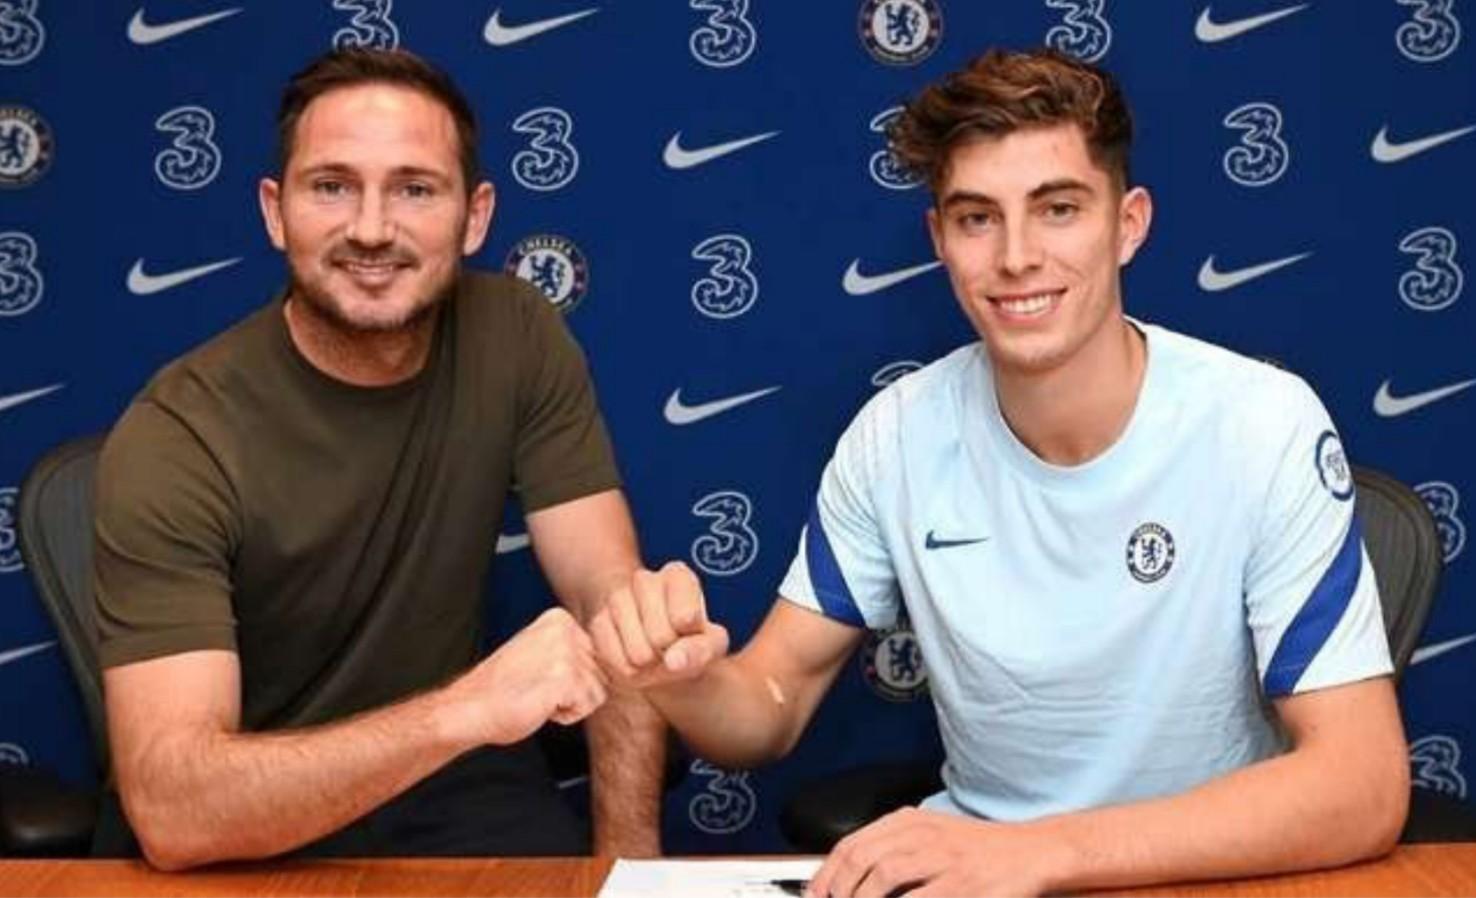 Chelsea sign Kai Havertz from Bayer Leverkusen